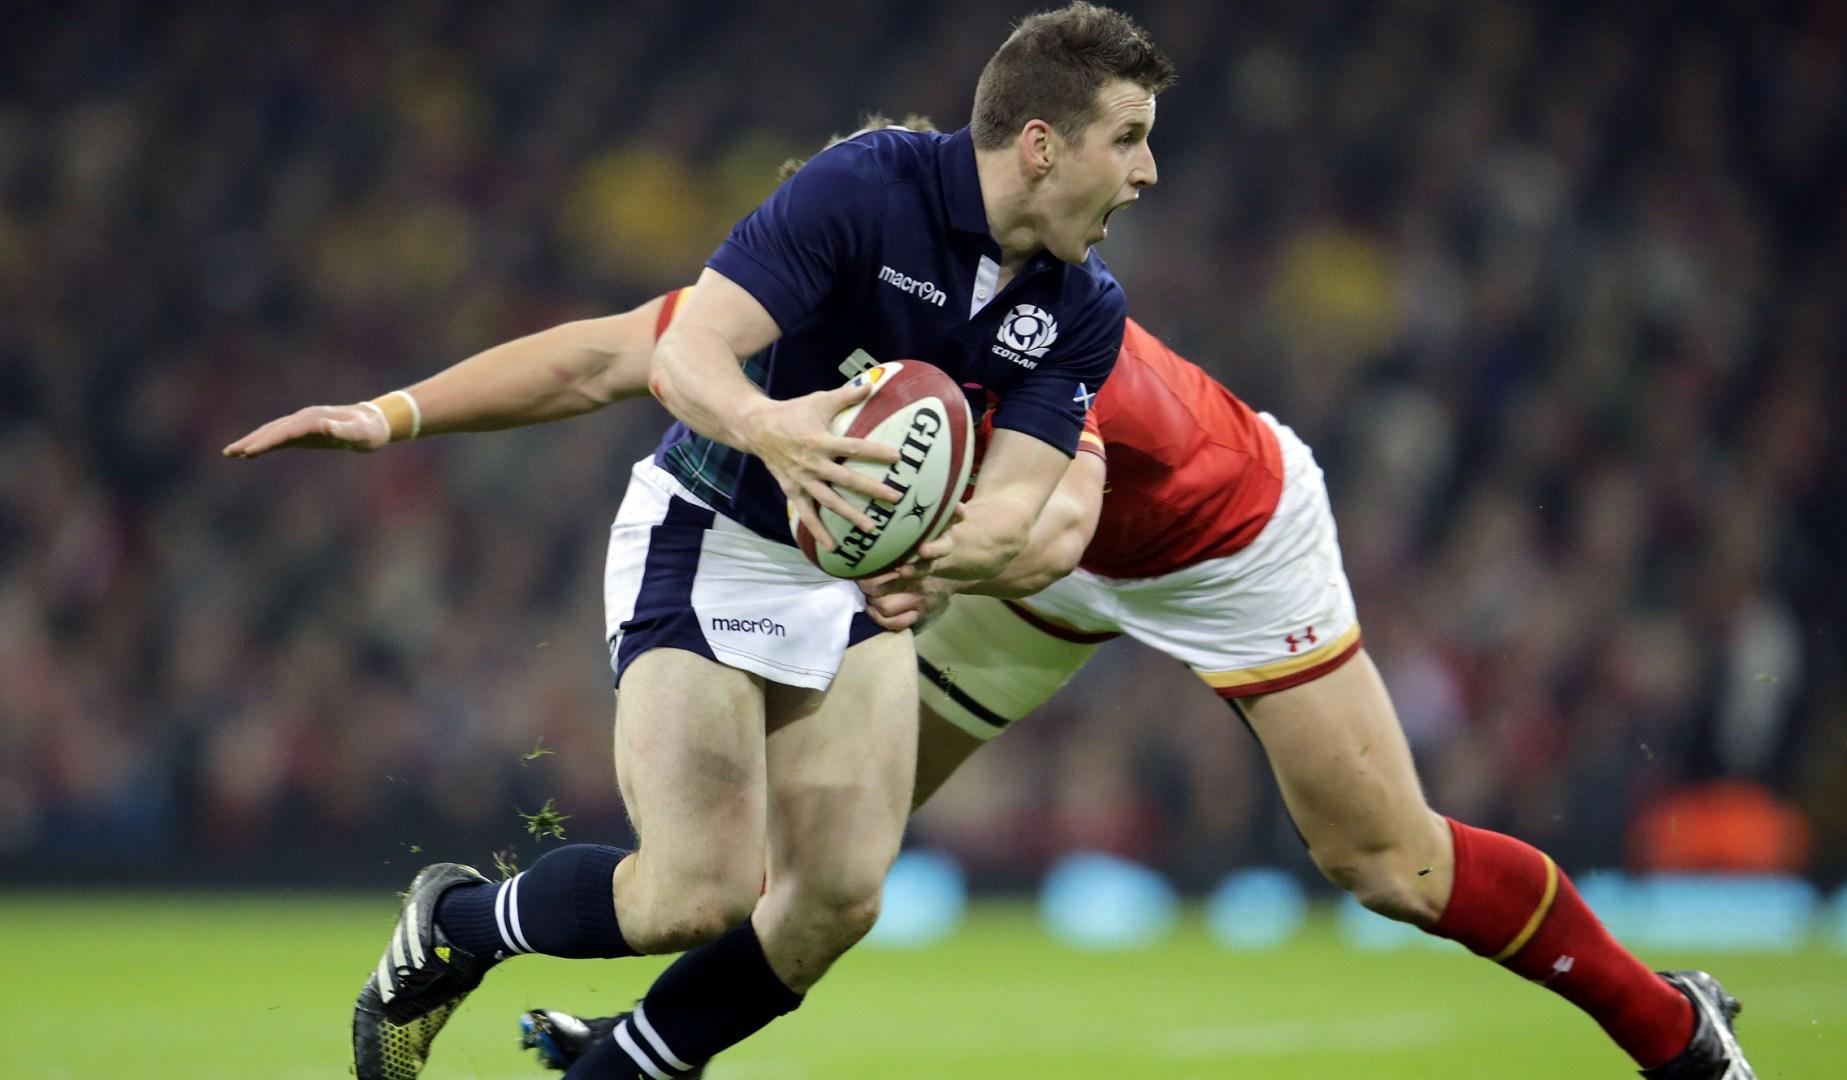 LionsWatch: Bennett returns as Scotland target Georgia win